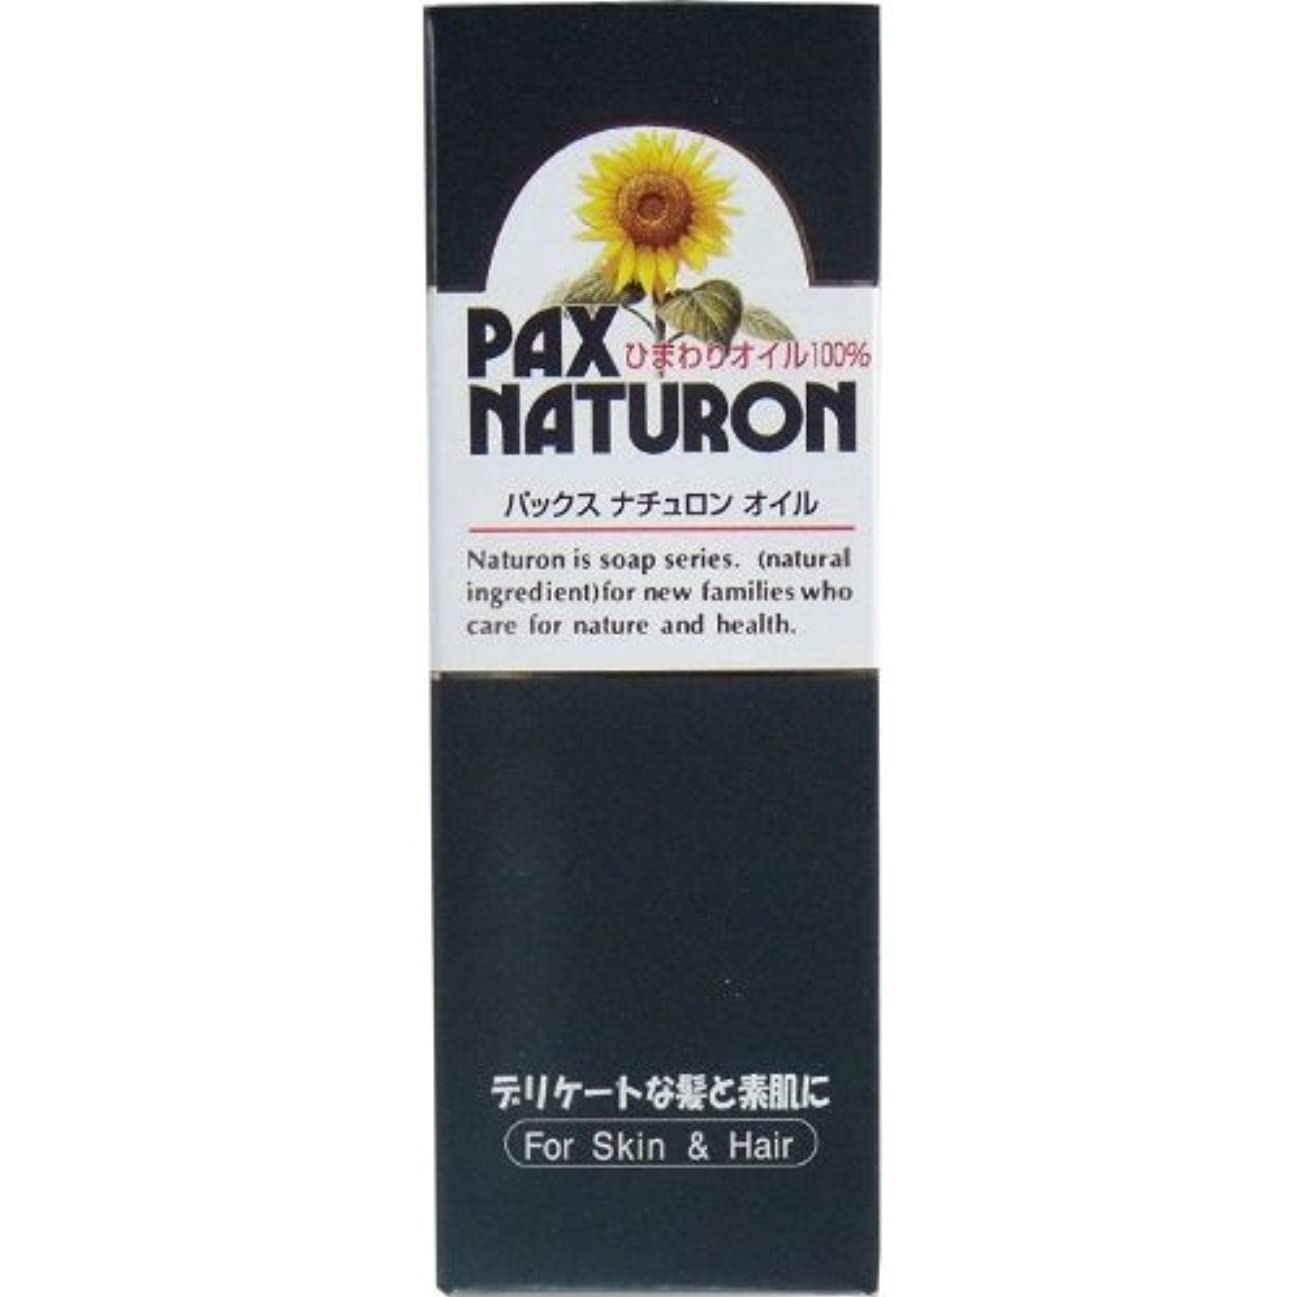 削る偽善瀬戸際デリケートな髪と素肌に!ひまわりの種子から採った ハイオレイックひまわり油 60mL